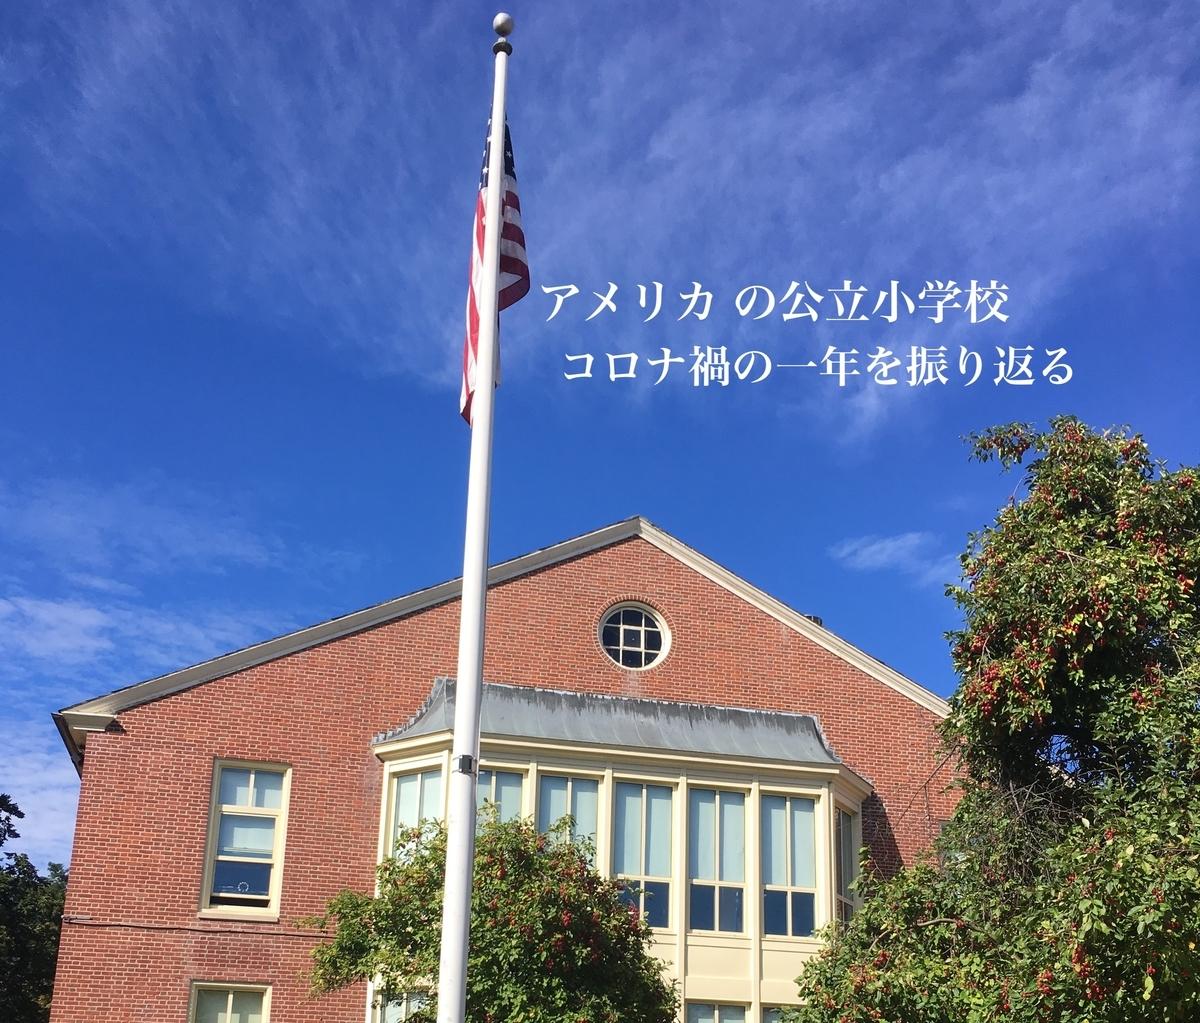 アメリカの公立小学校の校舎